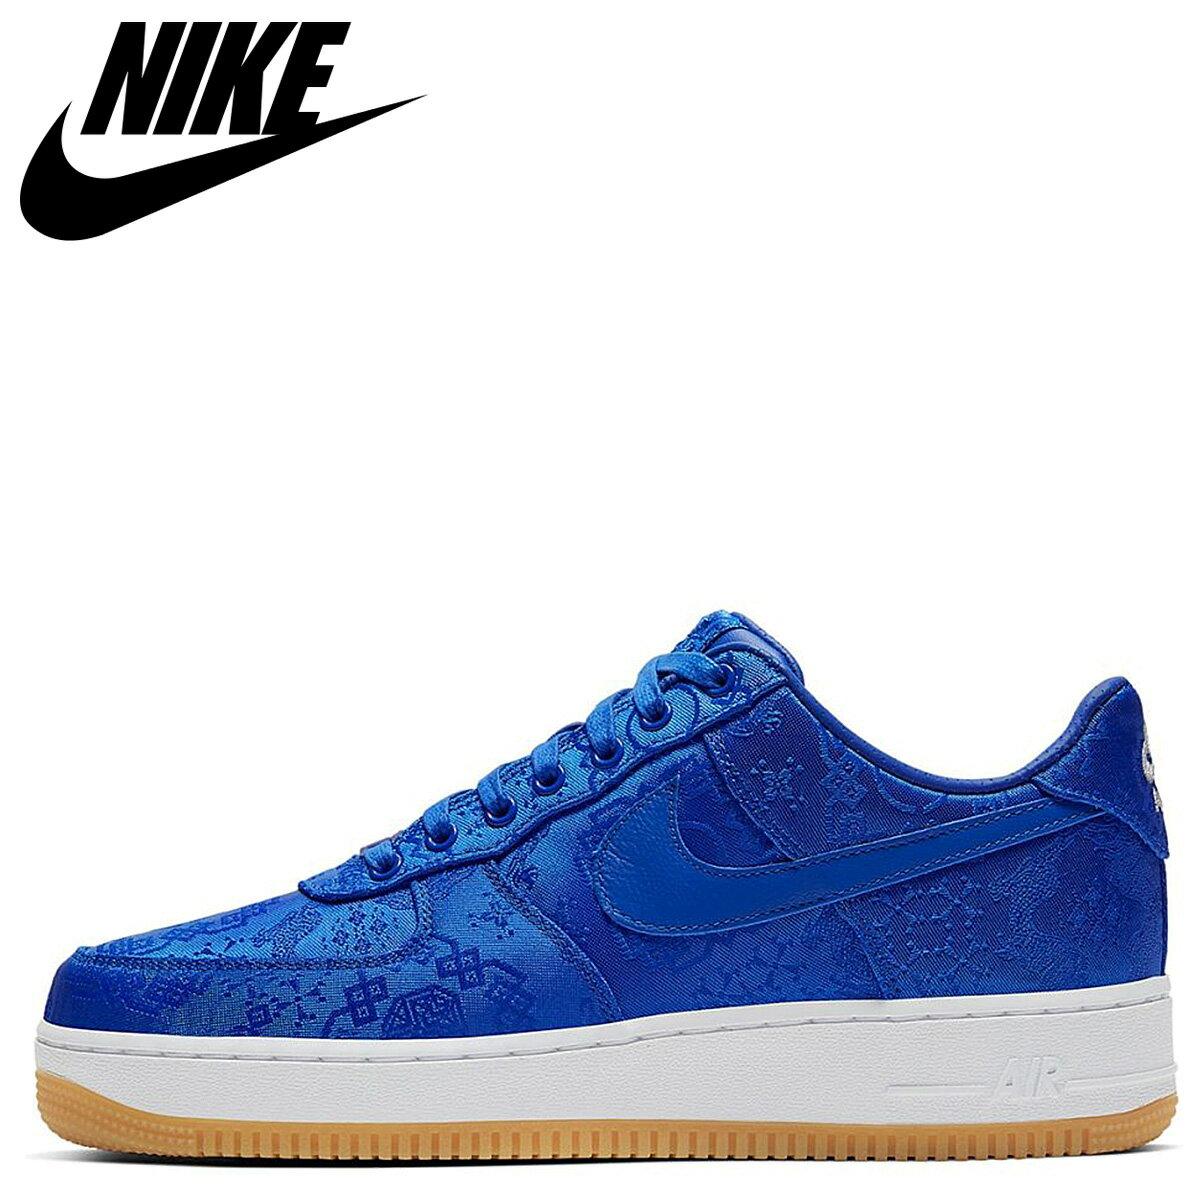 メンズ靴, スニーカー NIKE AIR FORCE 1 PREMIUM CLOT 1 CJ5290-400 zzi